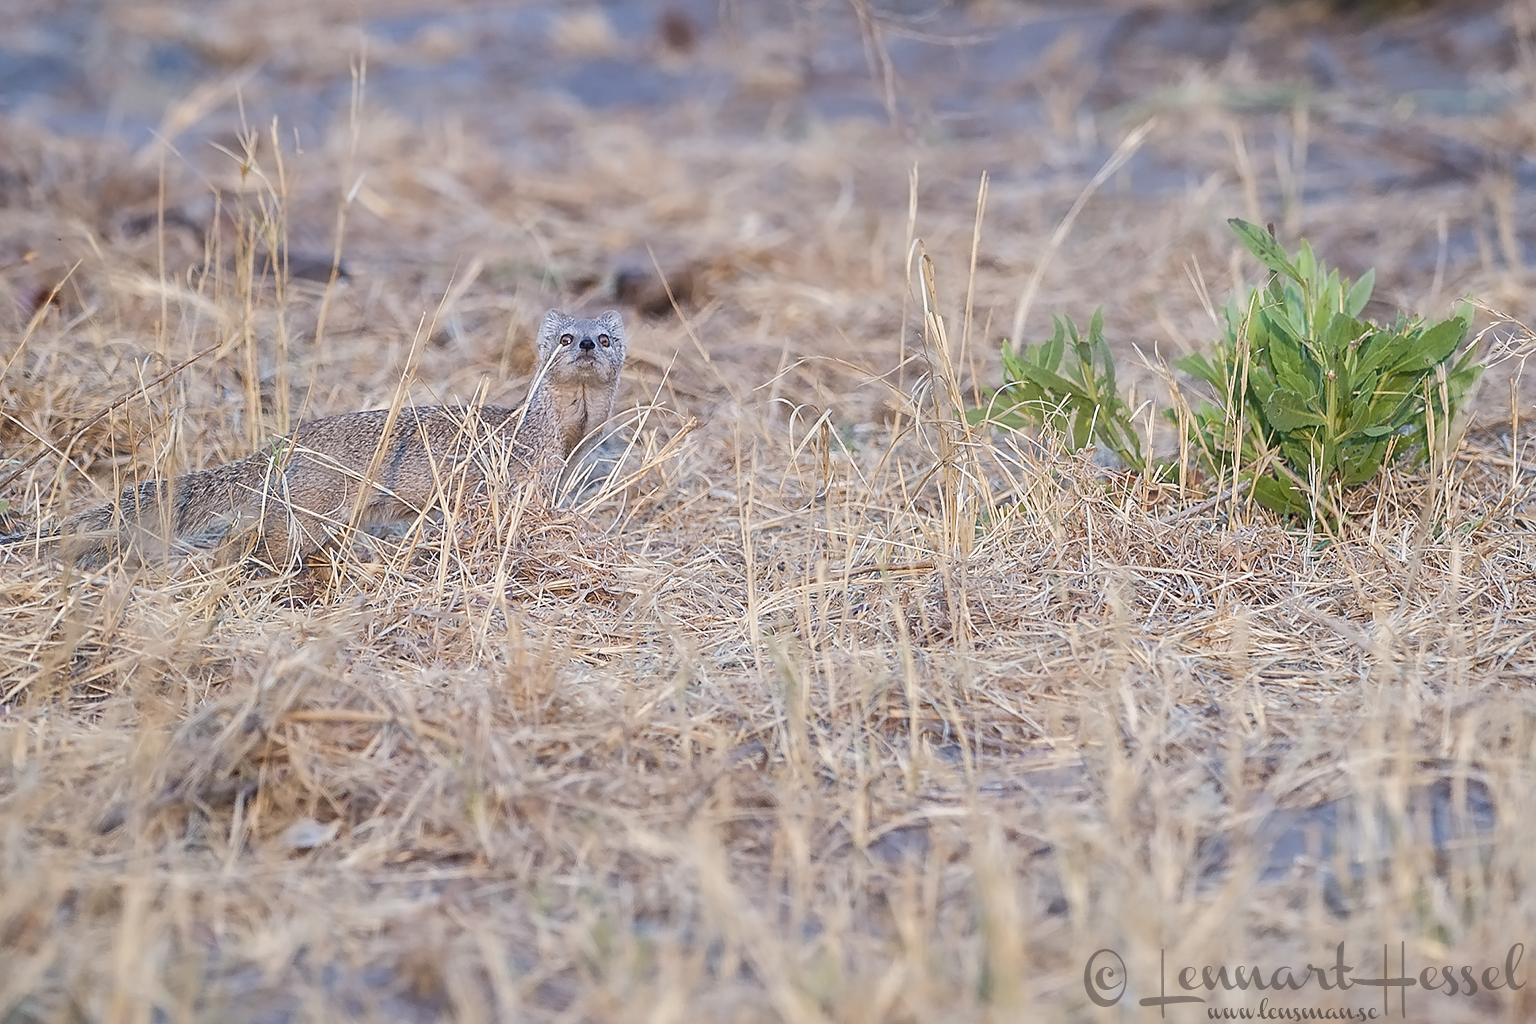 Yellow Mongoose in Savuti, Botswana